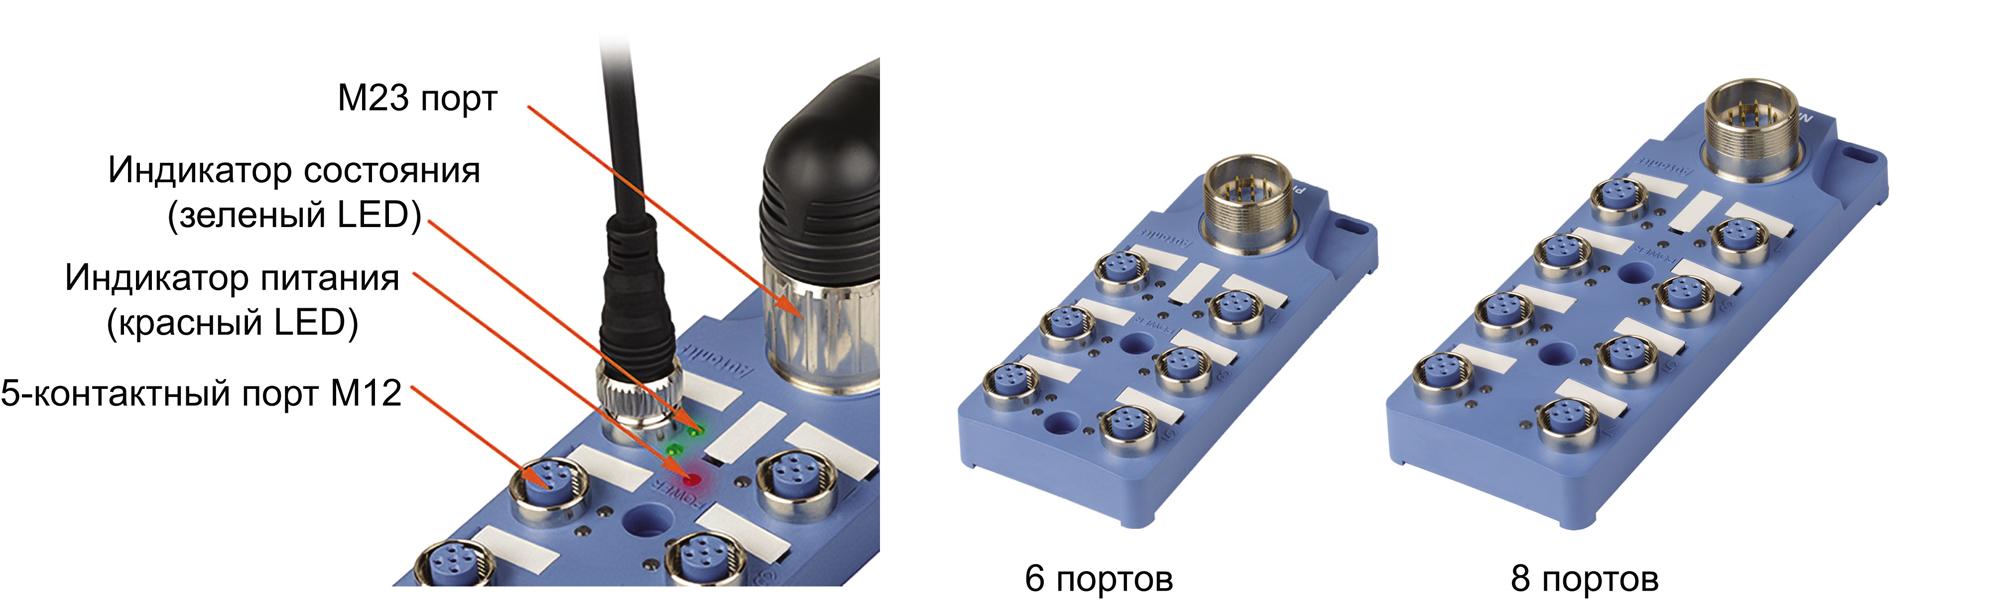 Распределительные коробки PT-C с 5-контактными разъемами M12 с внешним подключением через разъем